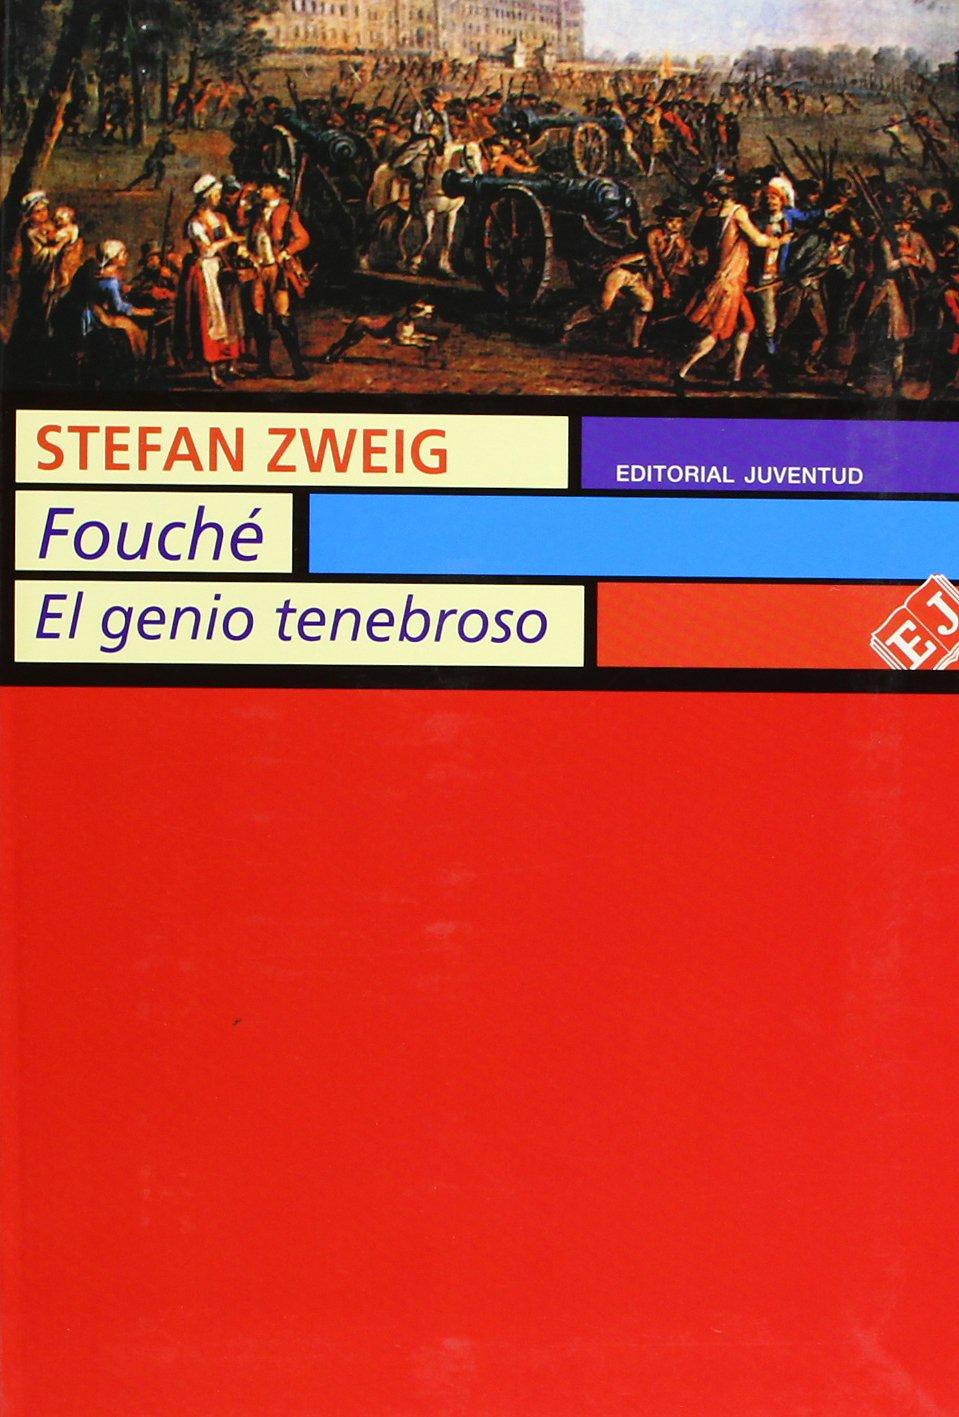 Fouché, el genio tenebroso (BIOGRAFIAS): Amazon.es: Zweig, Stefan: Libros